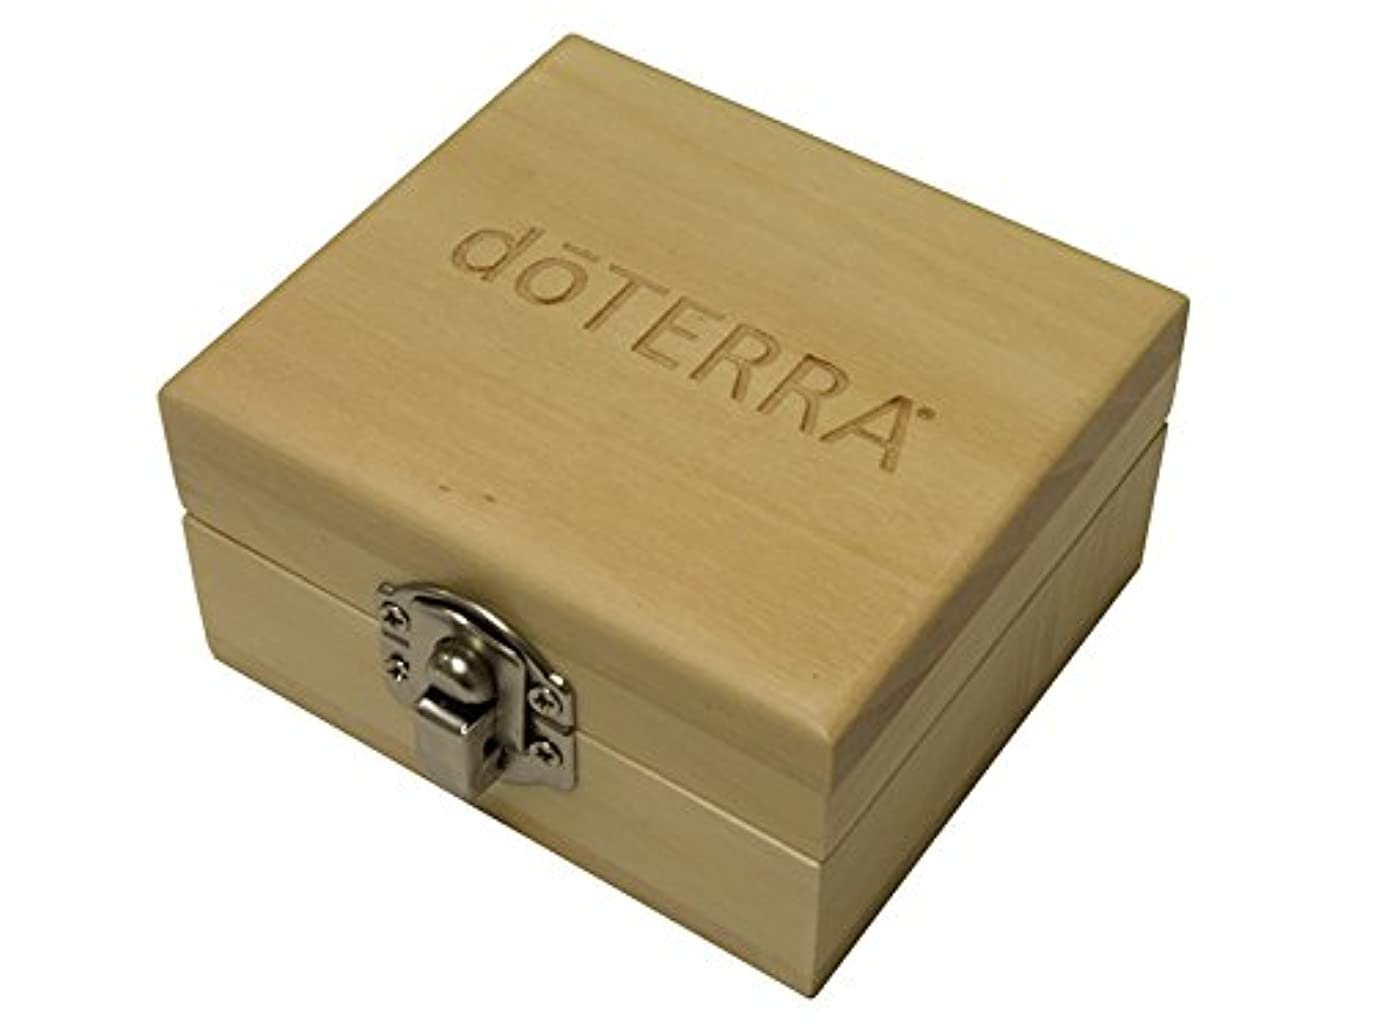 書店屋内で賭け(ドテラ) doTERRA ウッドボックス ライトブラウン ミニサイズ 木箱 エッセンシャルオイル 精油 整理箱